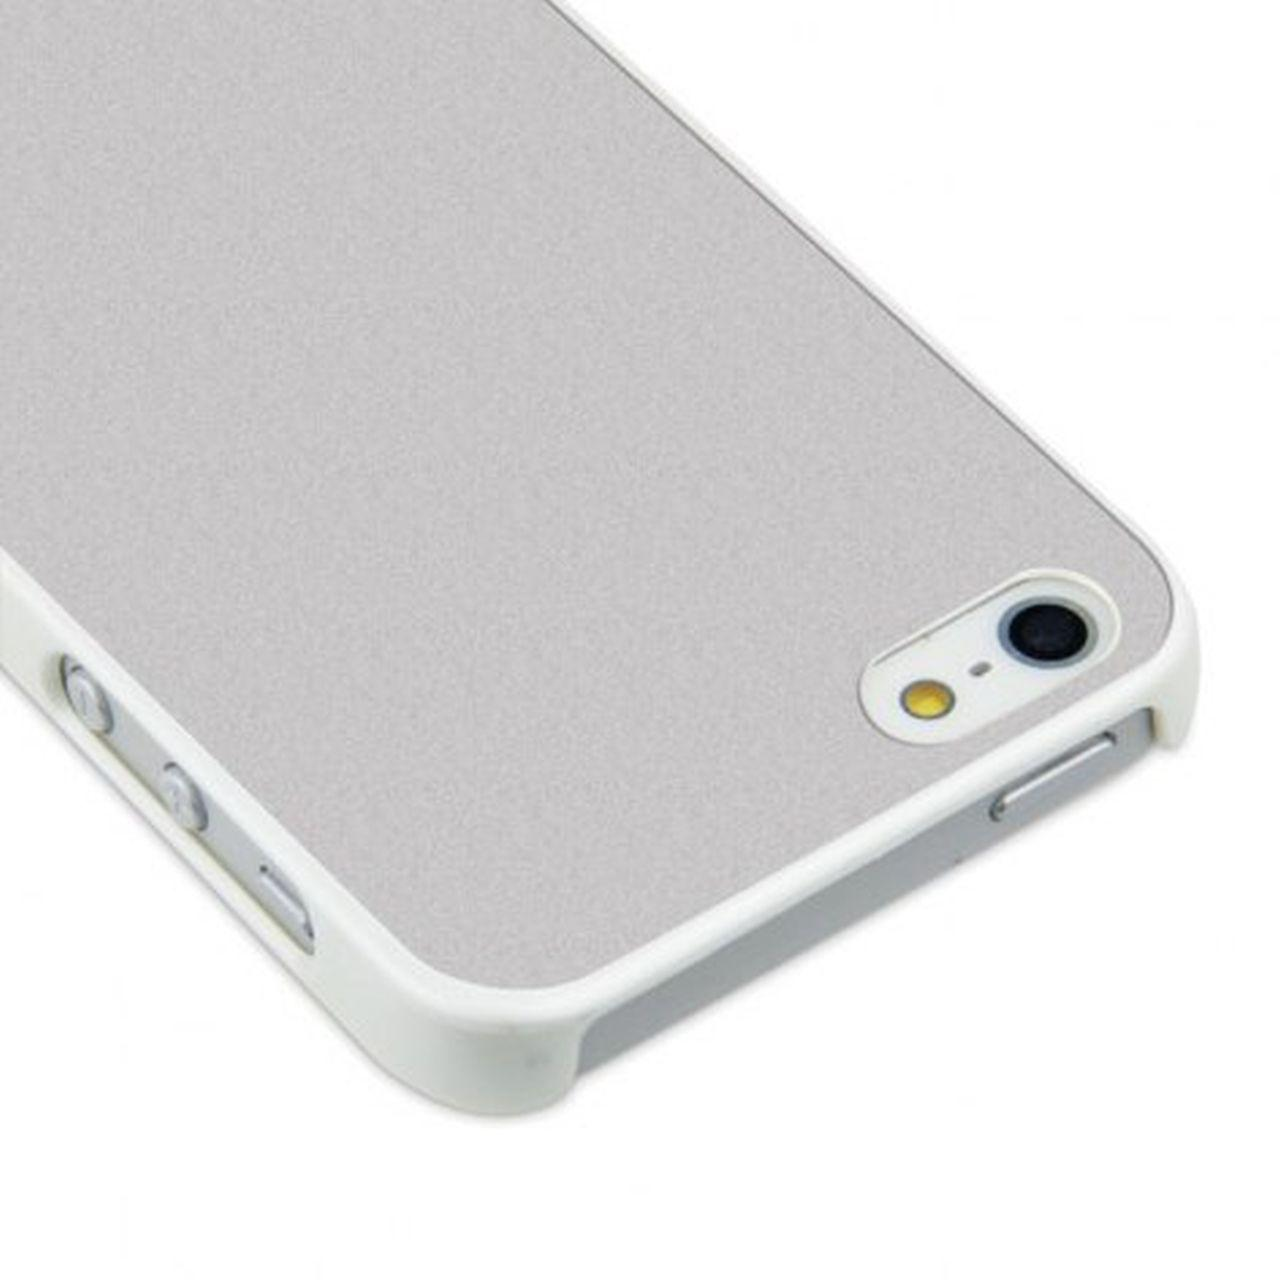 Sublicover bianca argentata perlata iphone 4